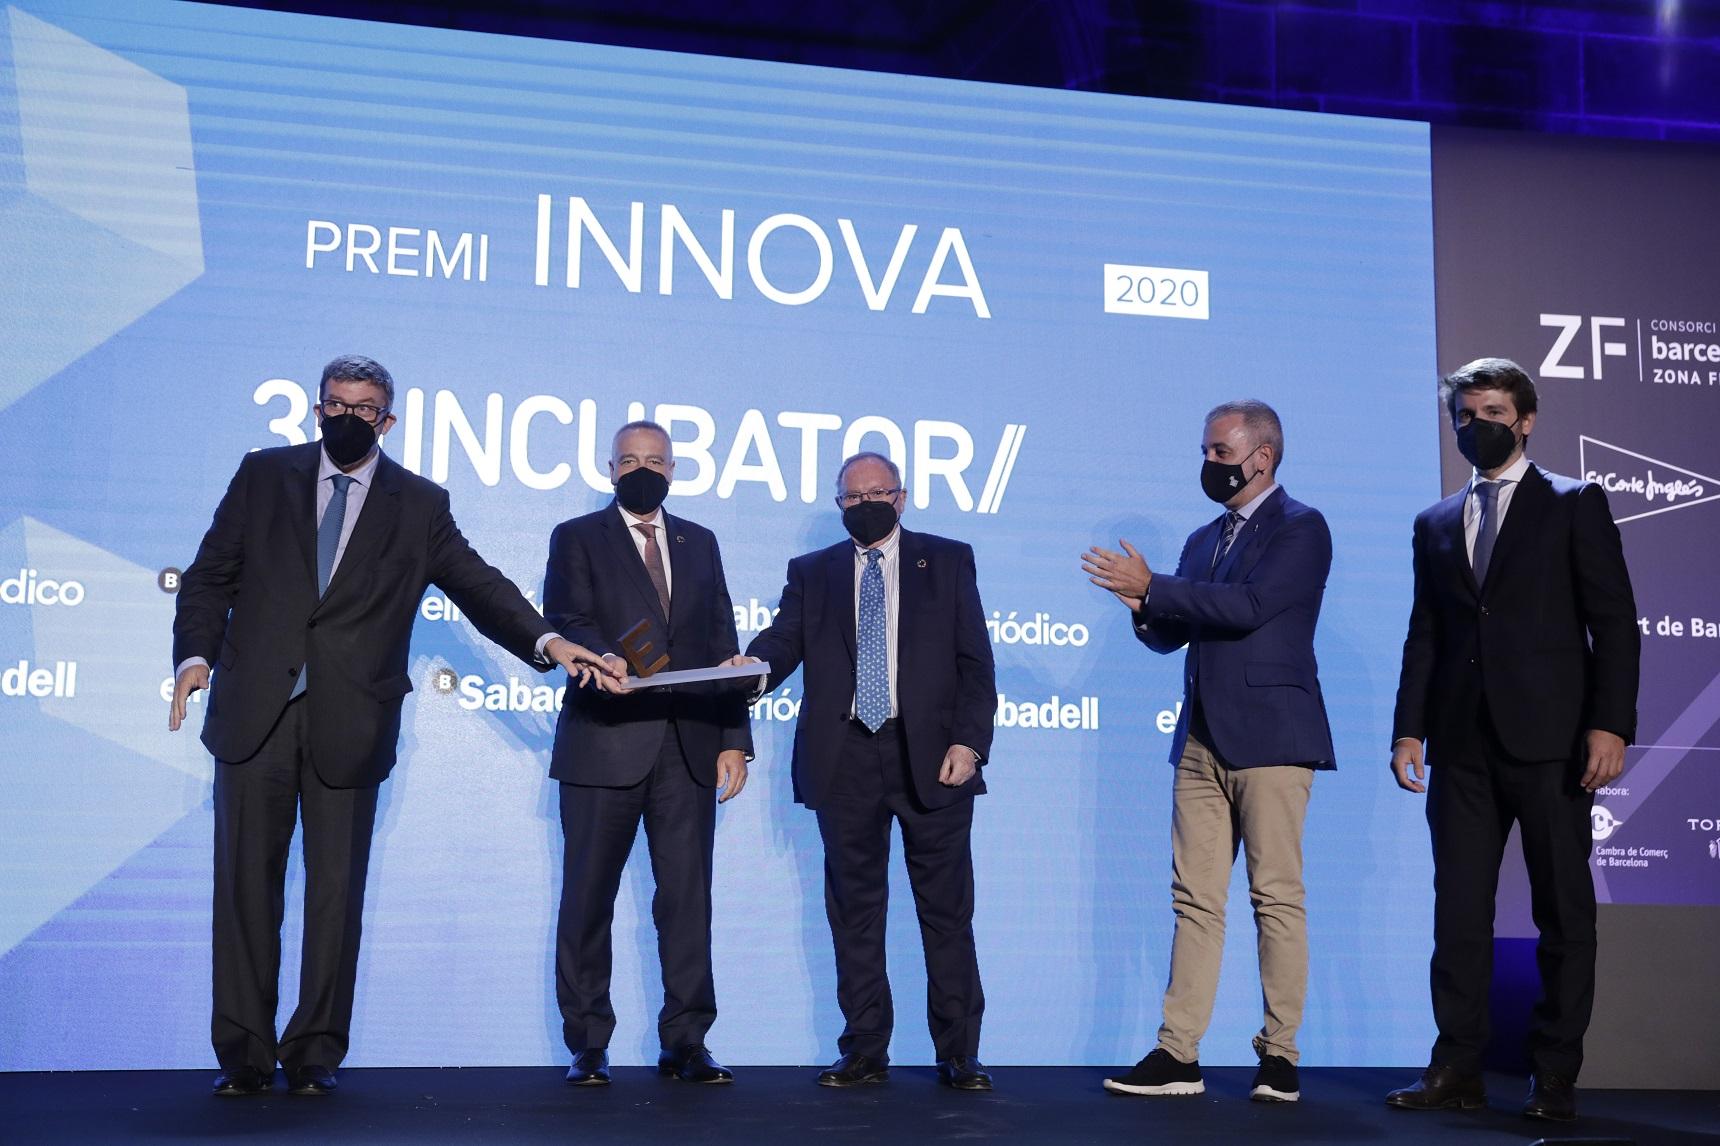 3D Incubator, reconocida en la categoría Innova de los Premios Empresa del Año 2020